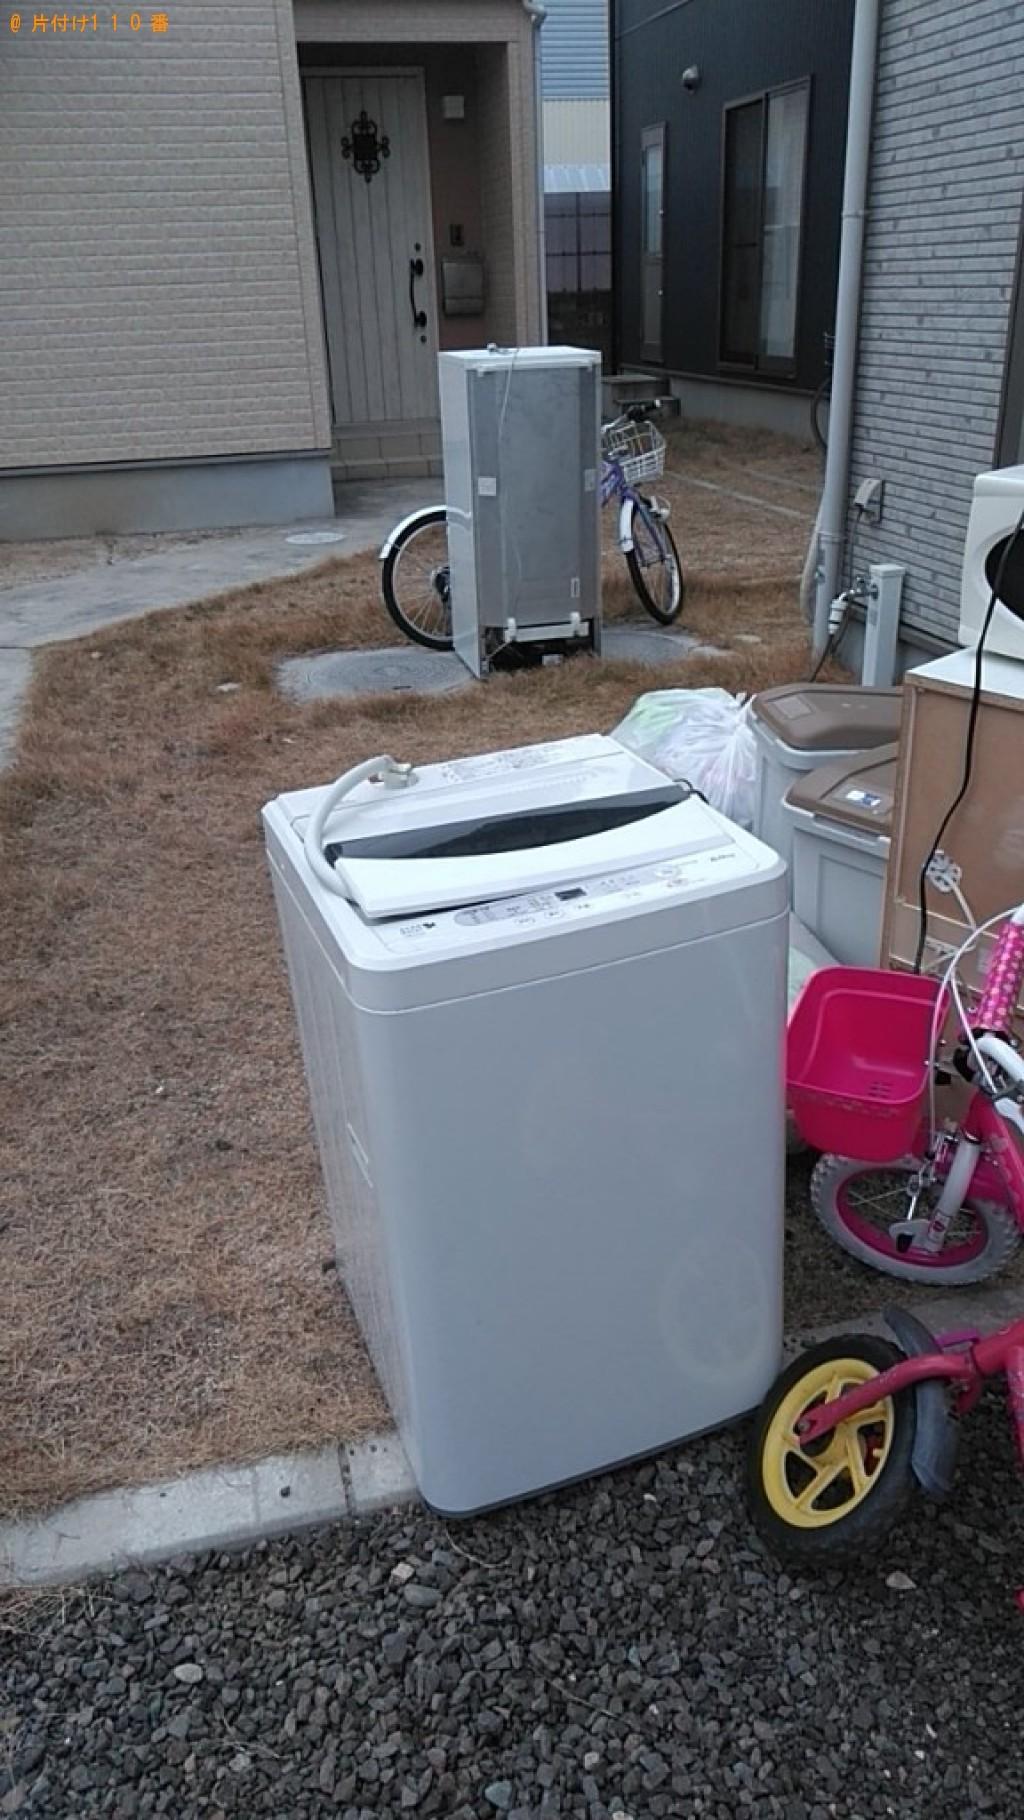 【前橋市】冷蔵庫、洗濯機の回収・処分ご依頼 お客様の声